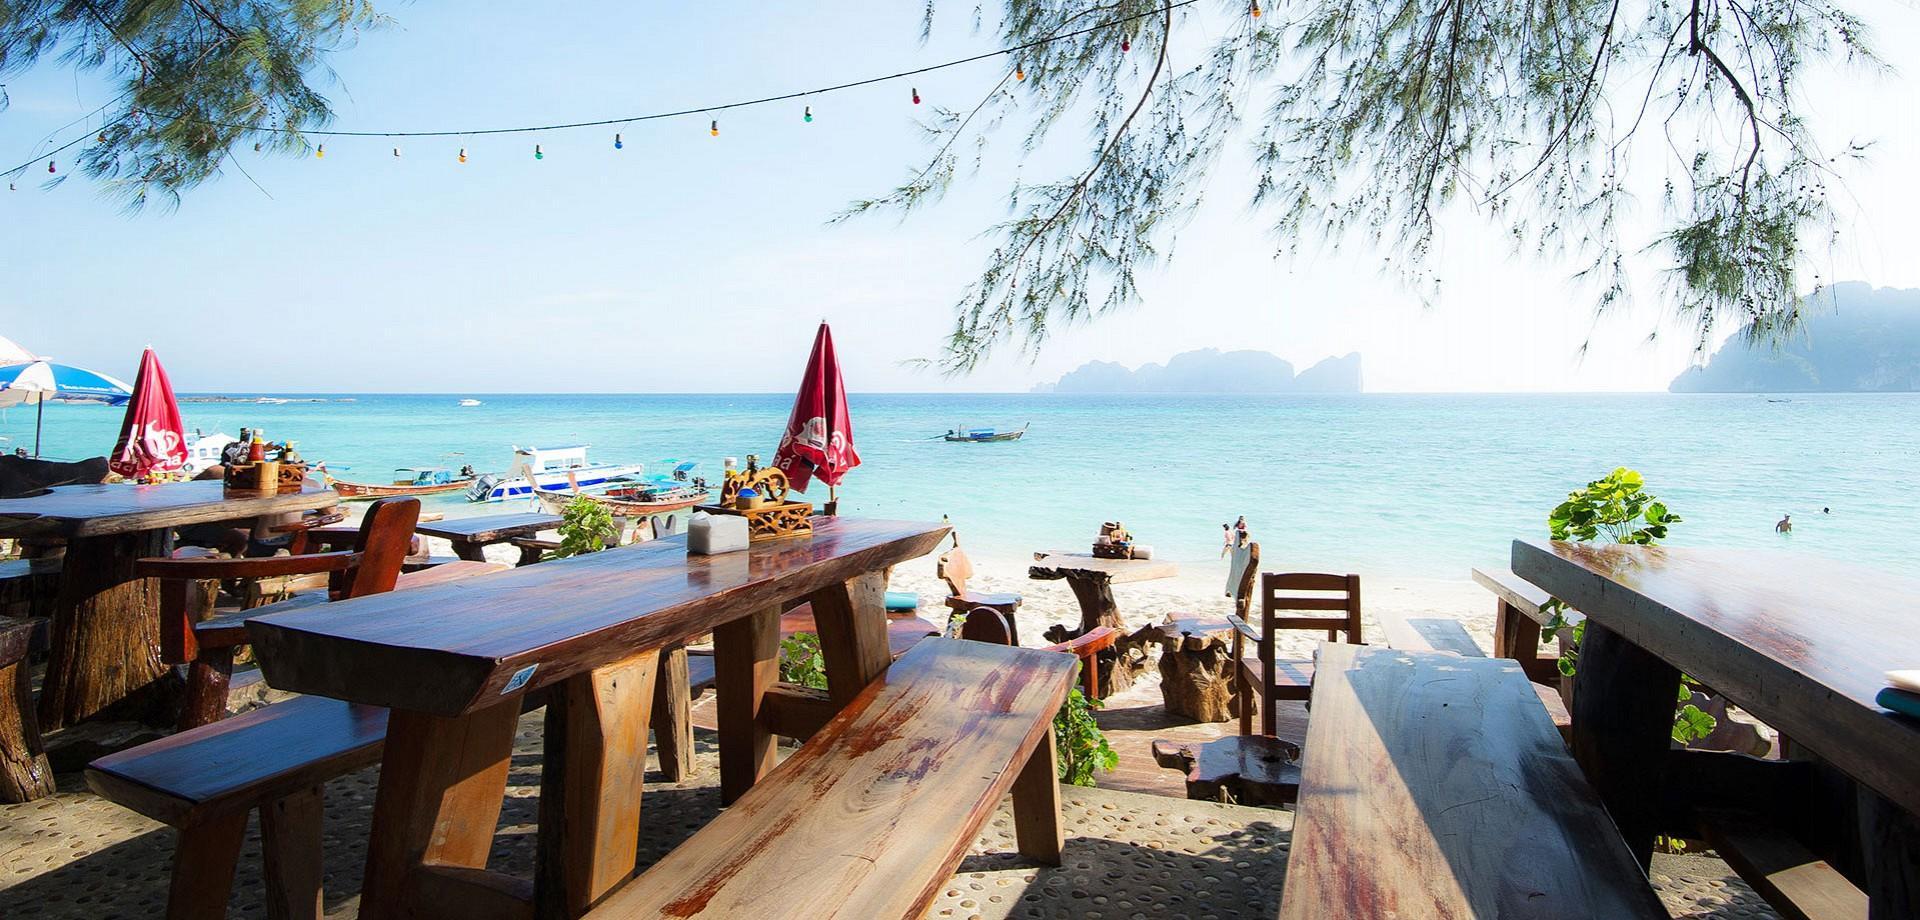 Một nhà hàng bên bãi biển chắc chắn là sự lựa chọn tuyệt vời cho du khách